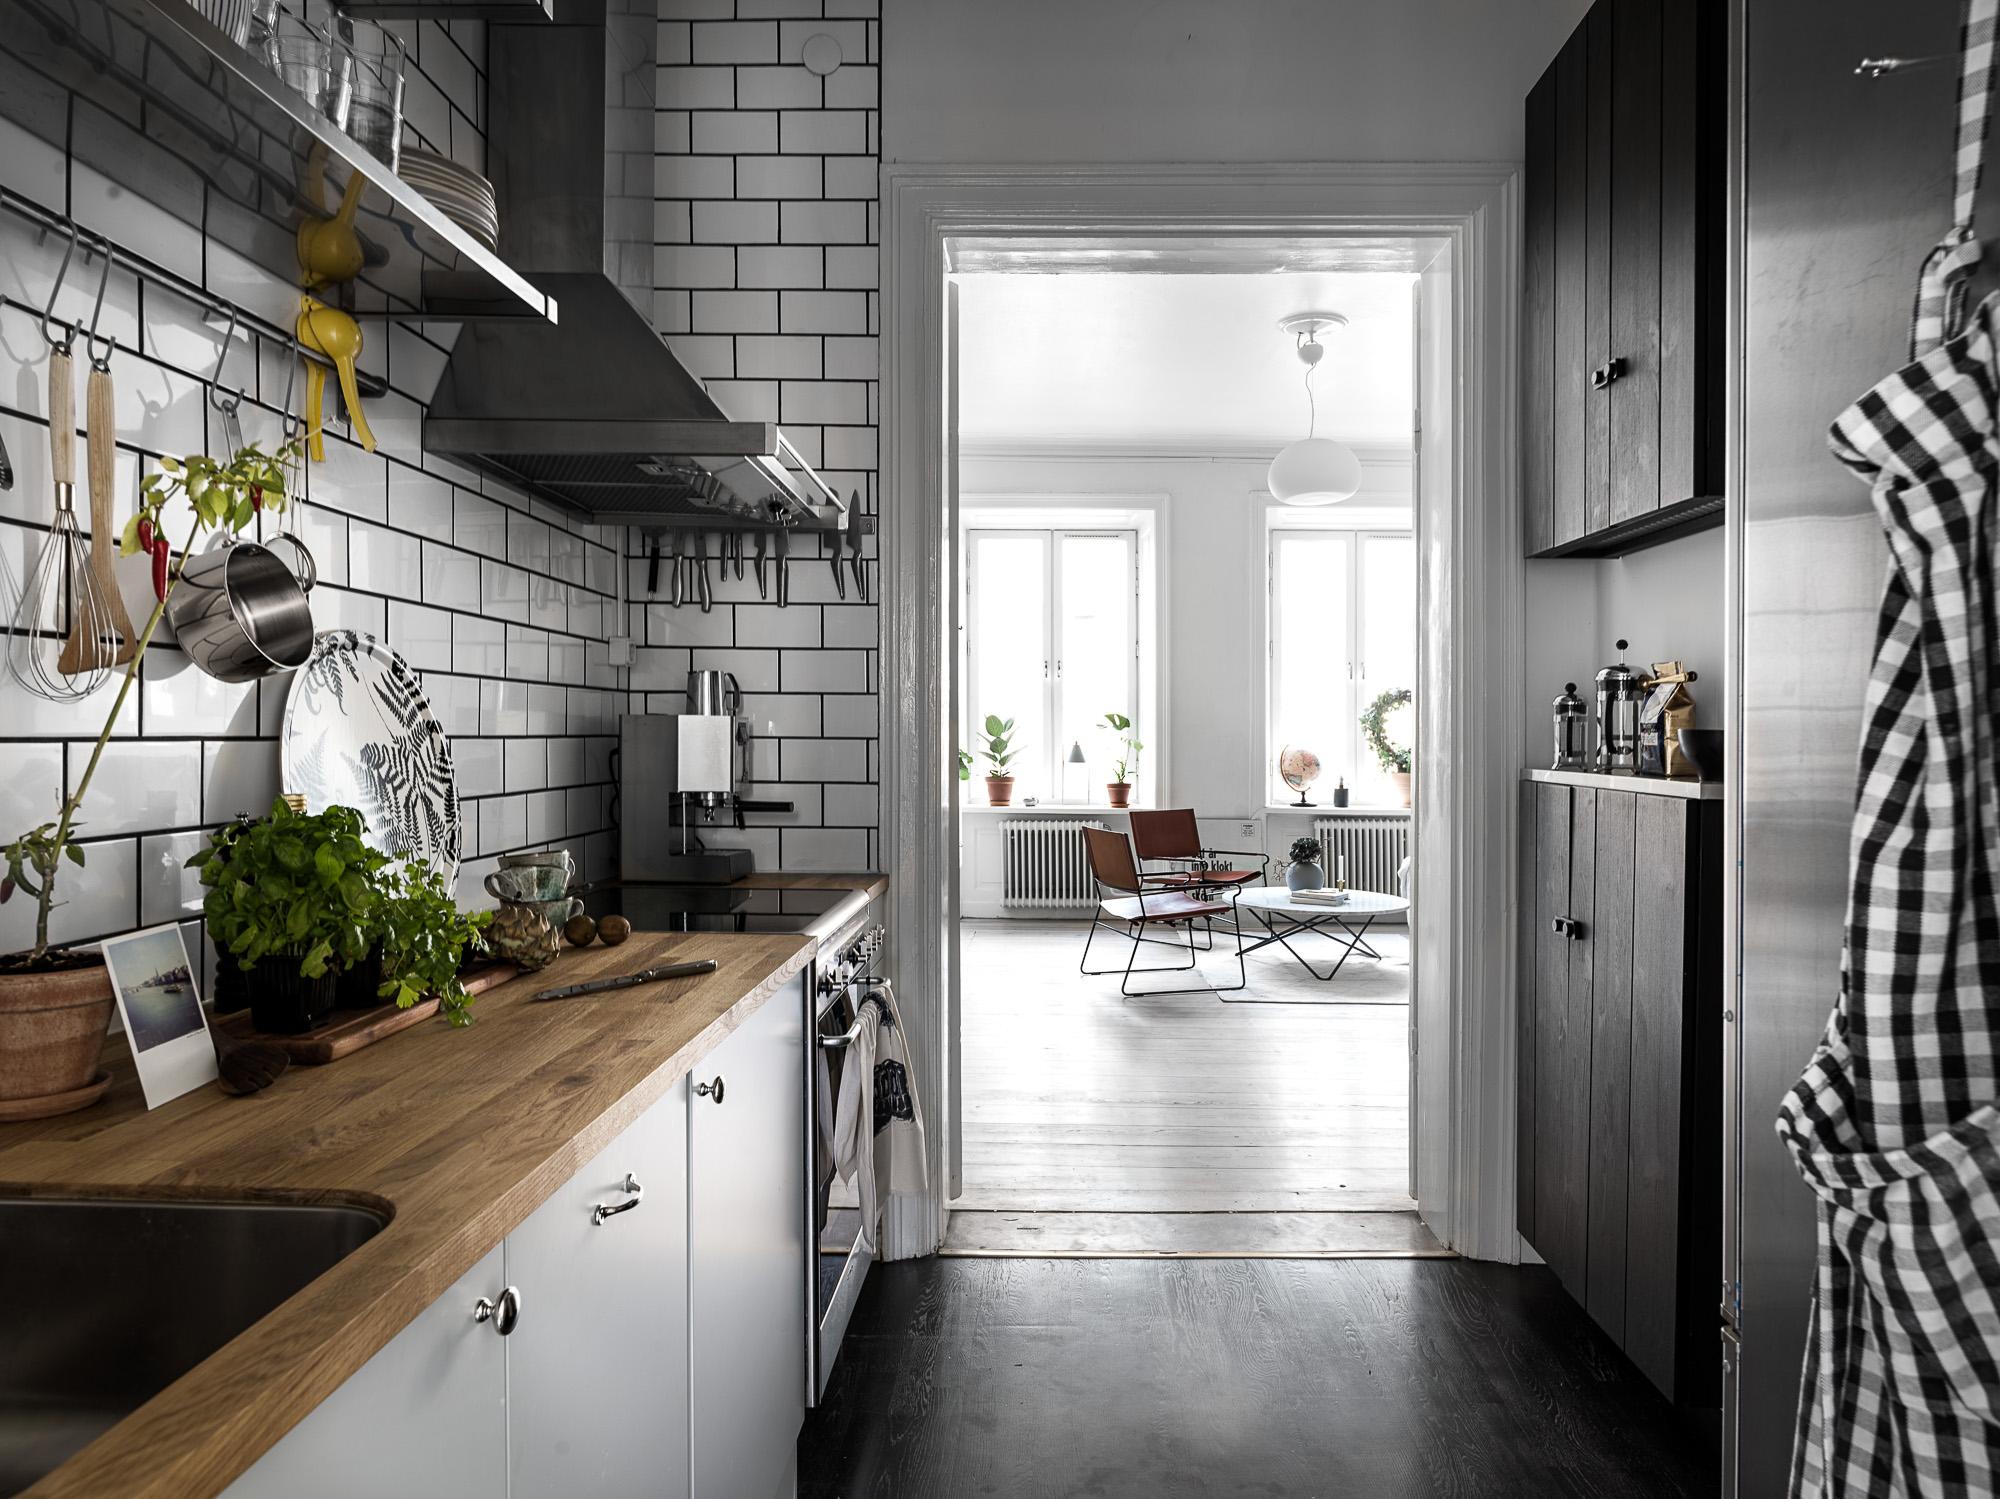 кухонная мебель серые коричневые фасады деревянная столешница белая плитка кабанчик